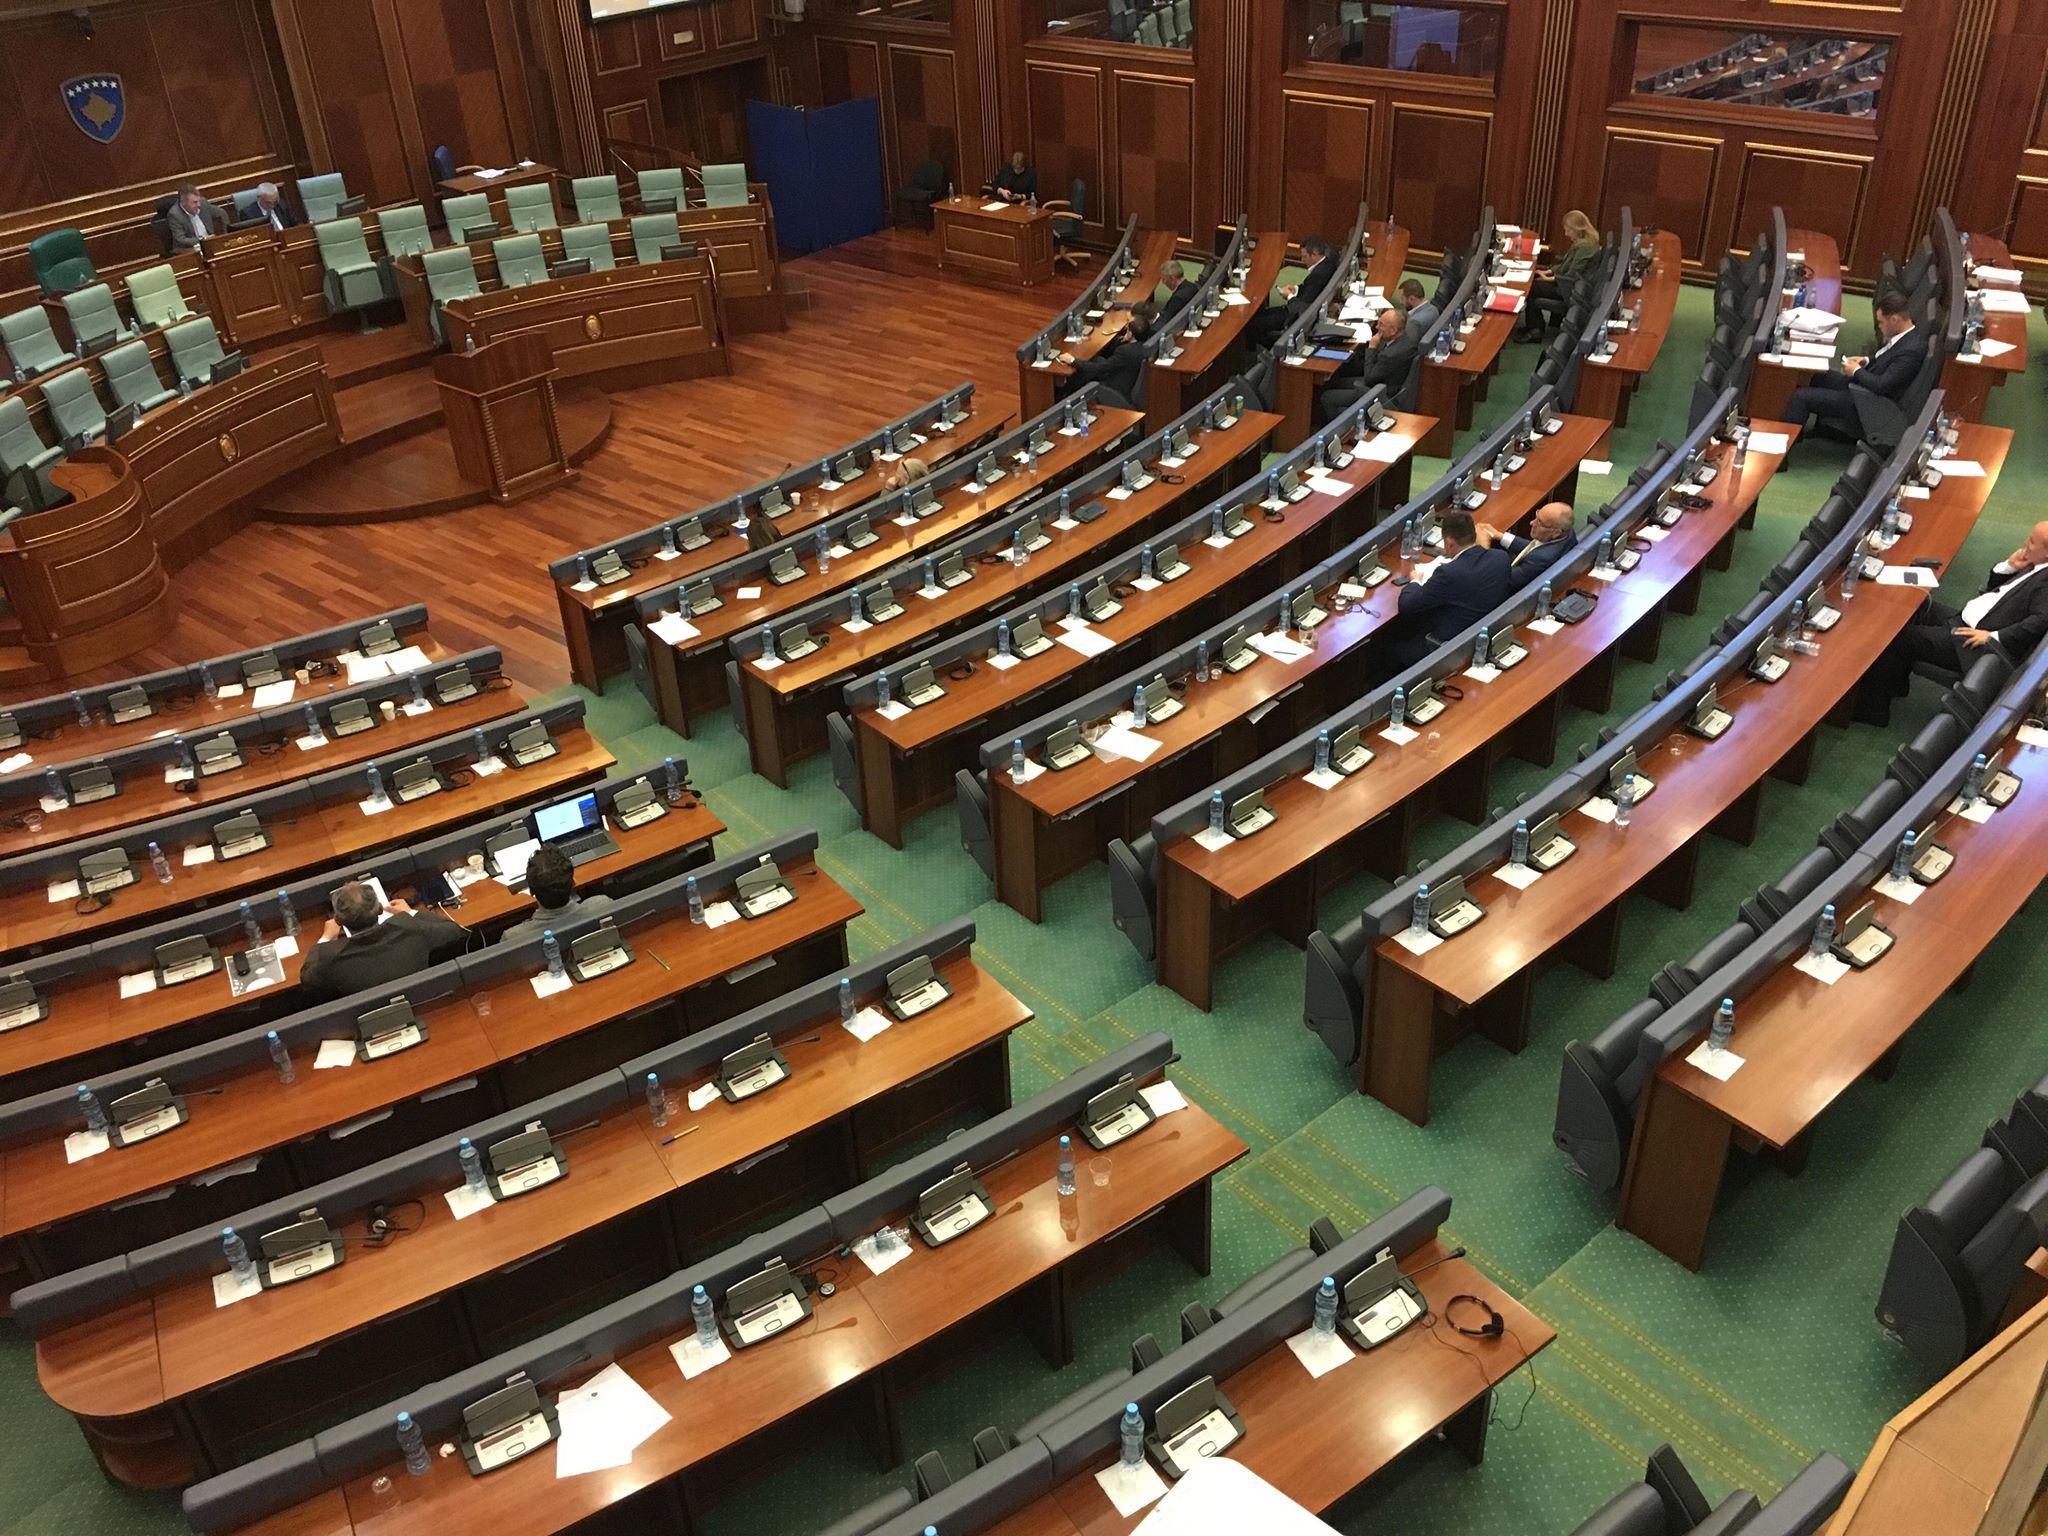 A duhet të shpërndahet Kuvendi i Kosovës?